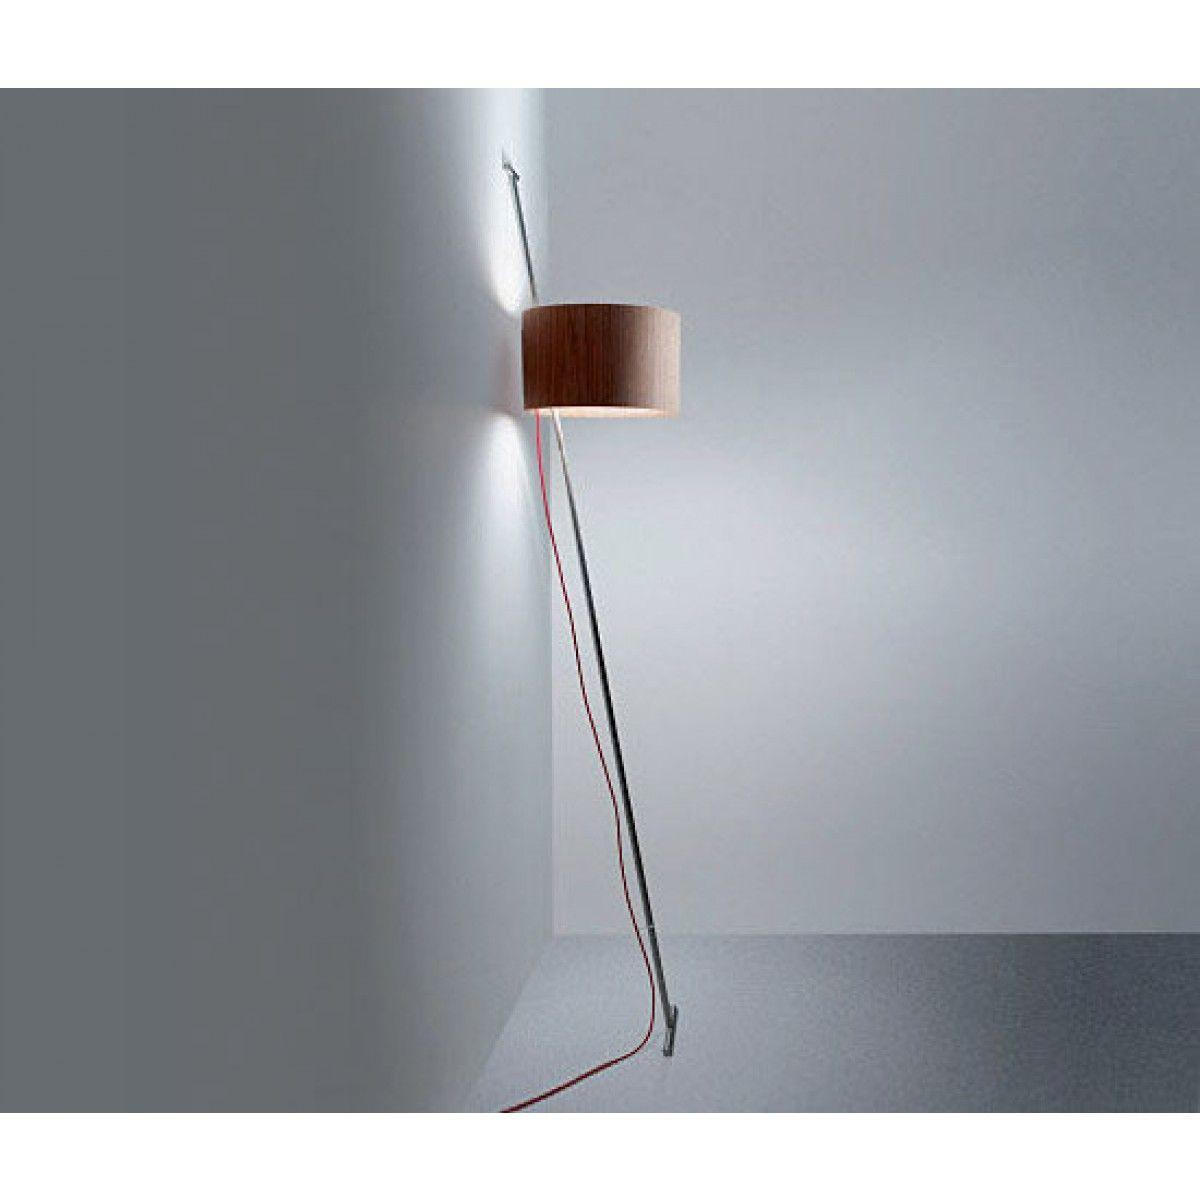 Einrichten Design De lift stehleuchte zum anlehnen lumini einrichten design de flur